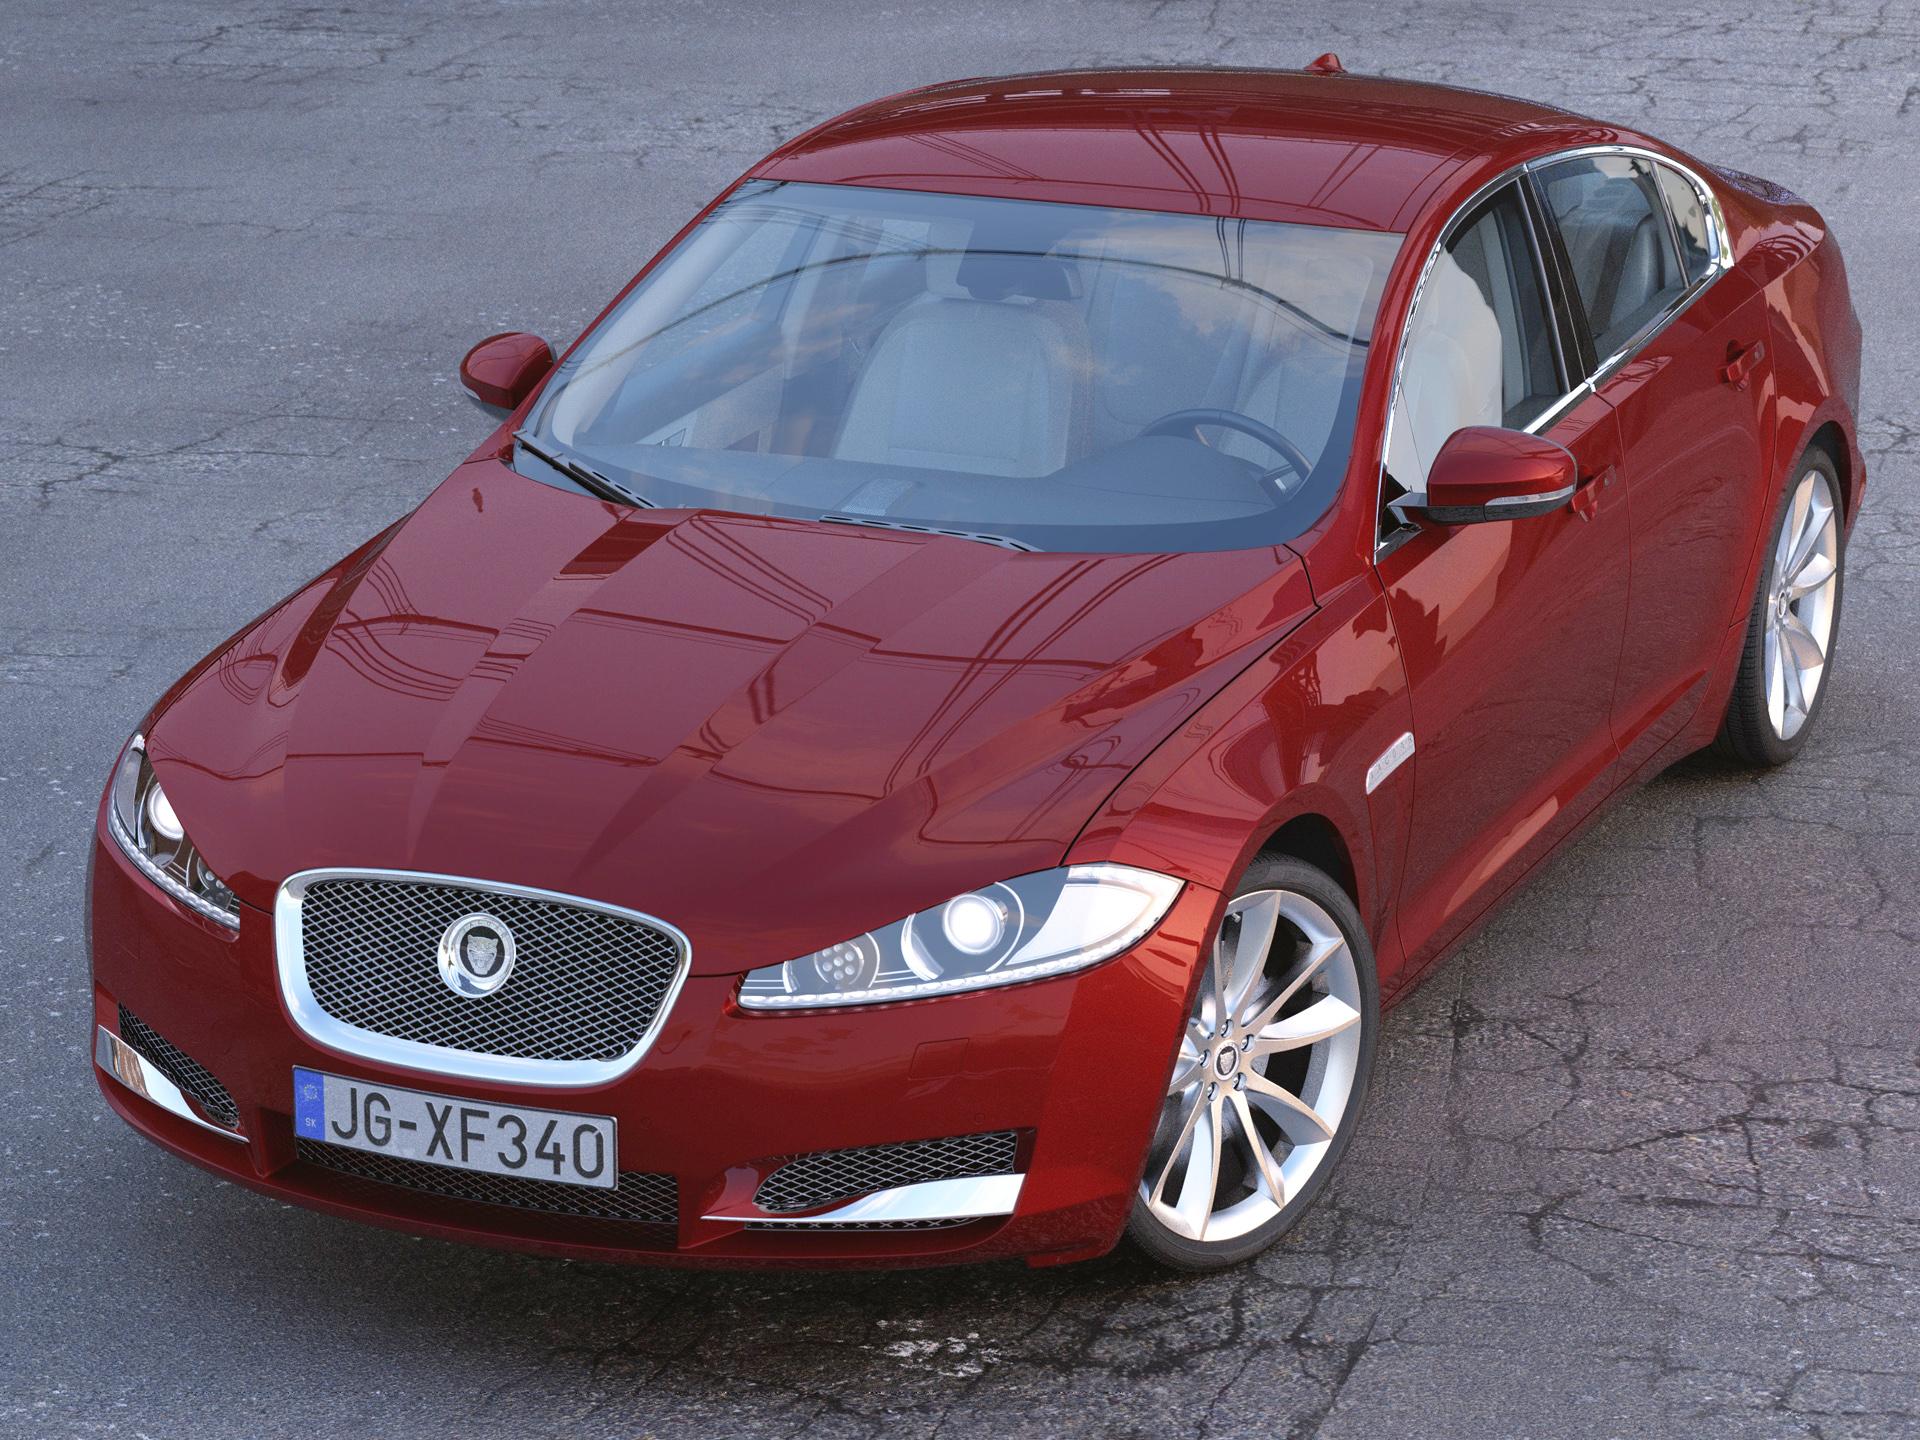 jaguar xf 2013 3d model 3ds max fbx c4d obj 204388